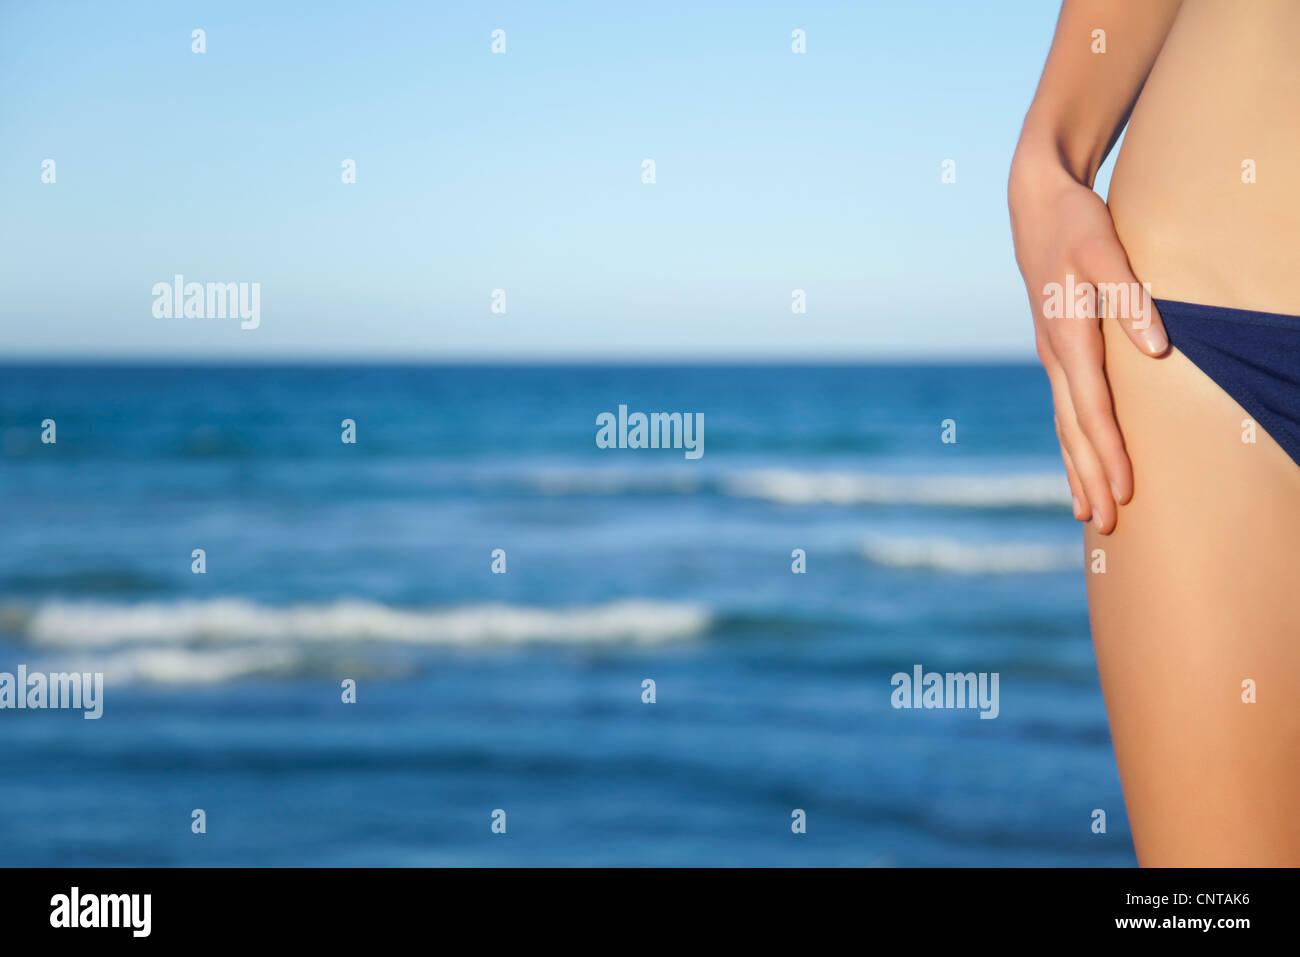 Woman in bikini bottom, cropped - Stock Image